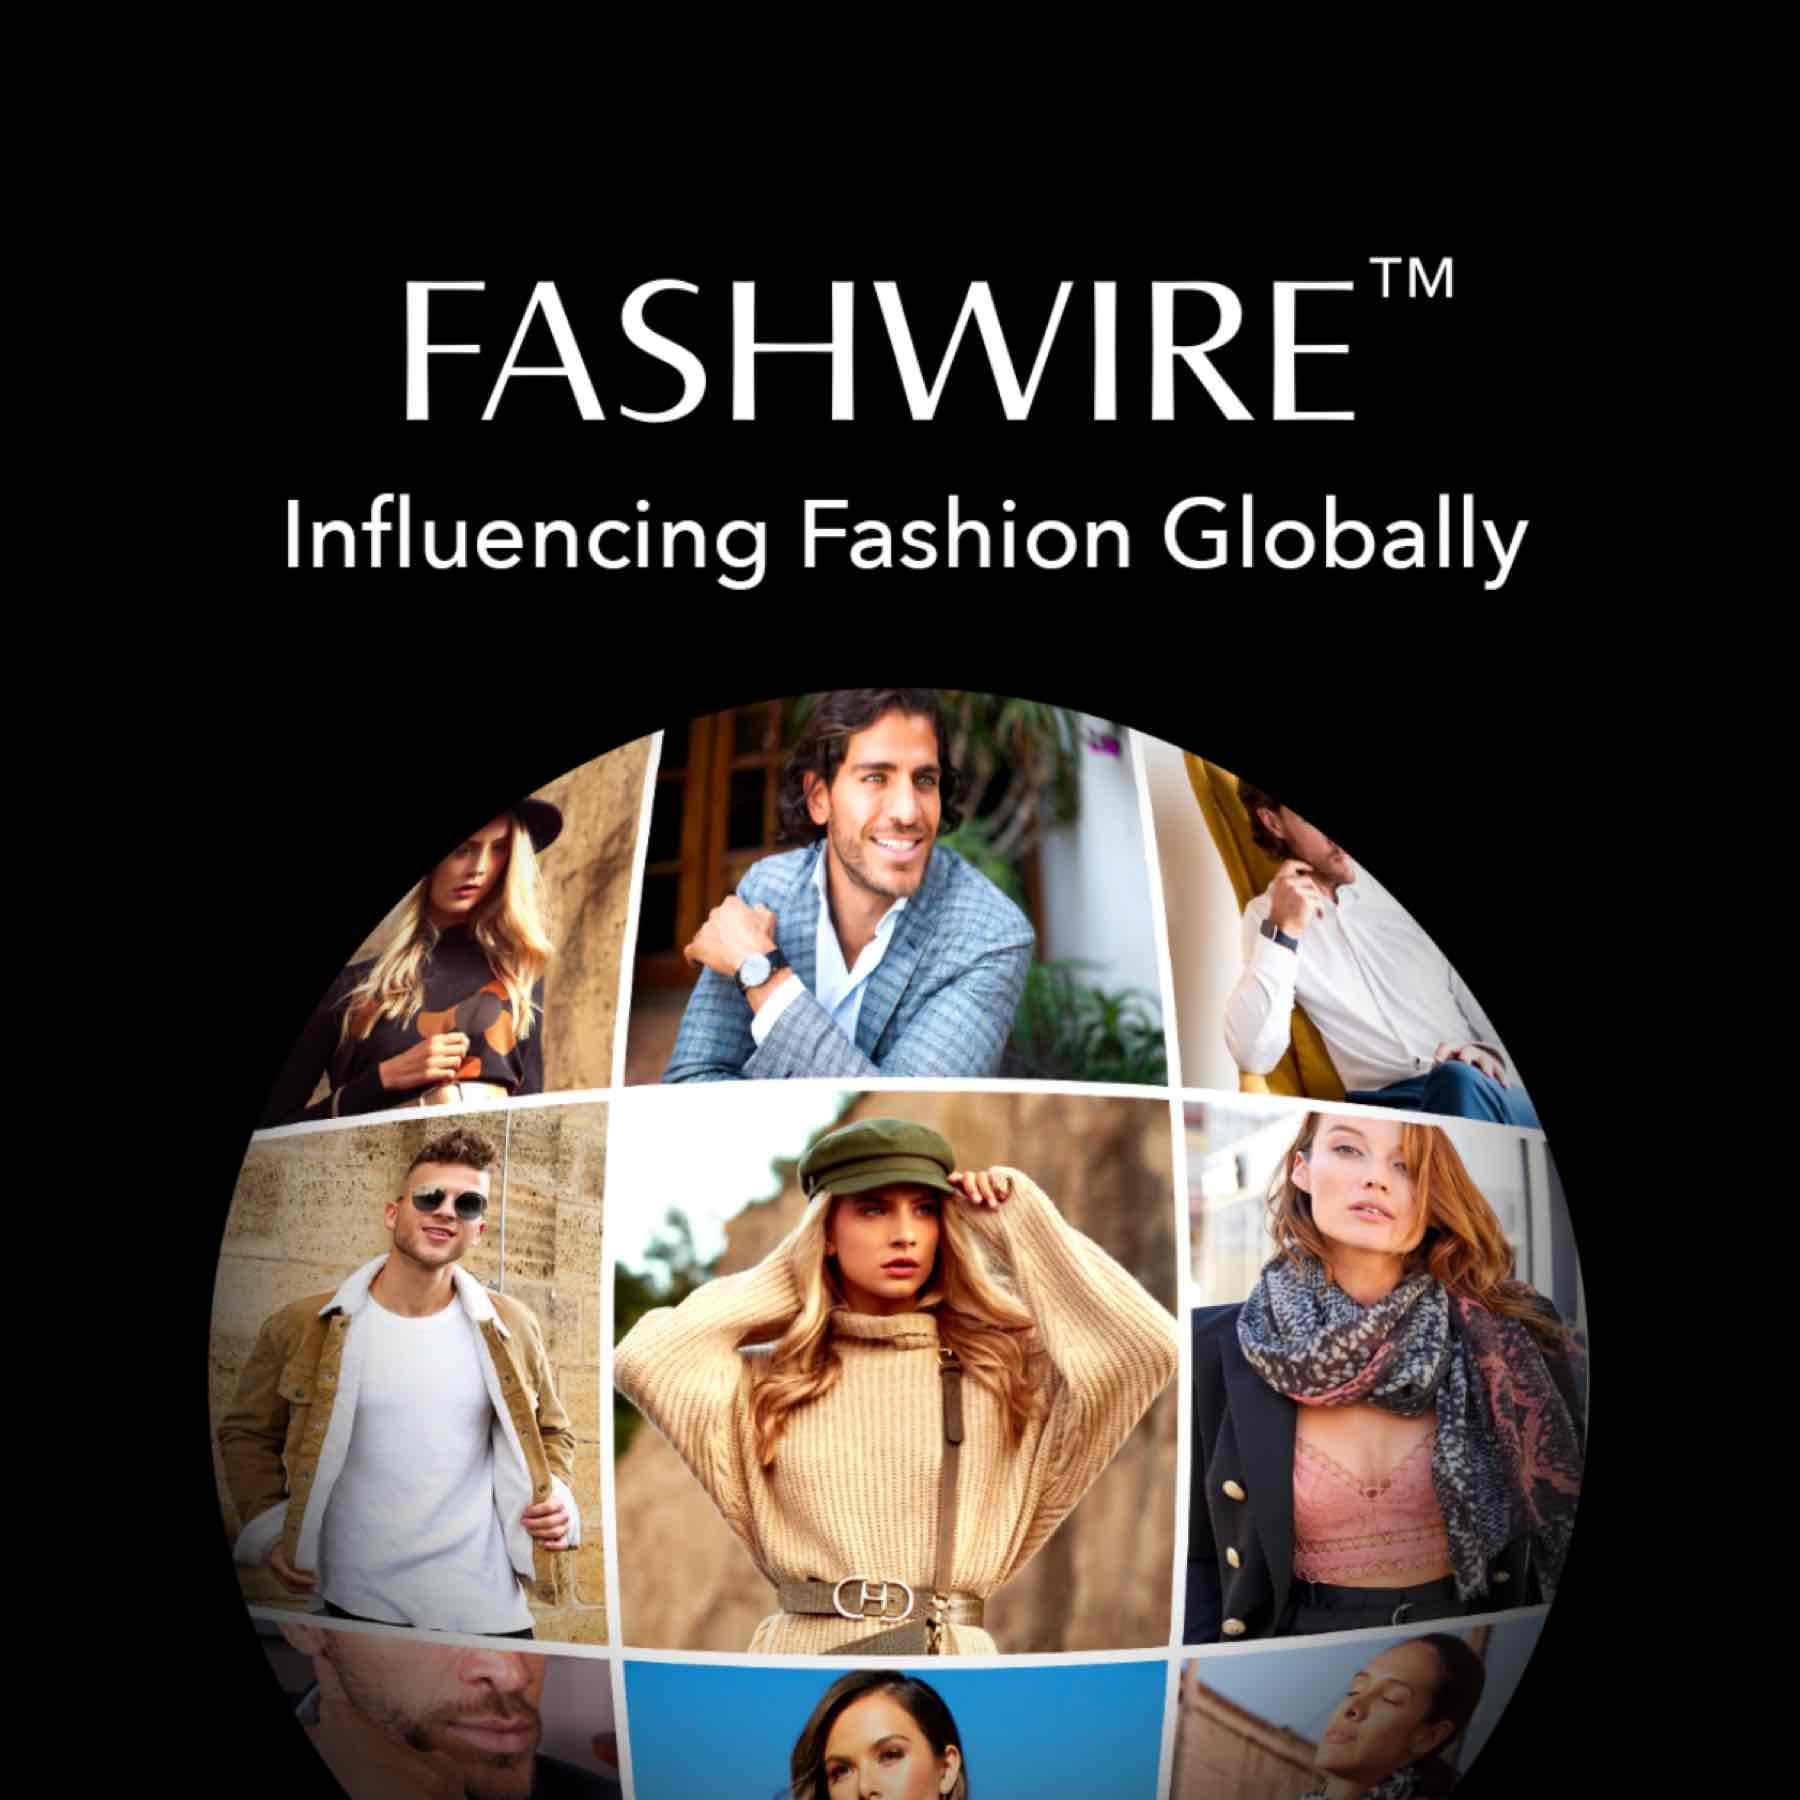 fashwire